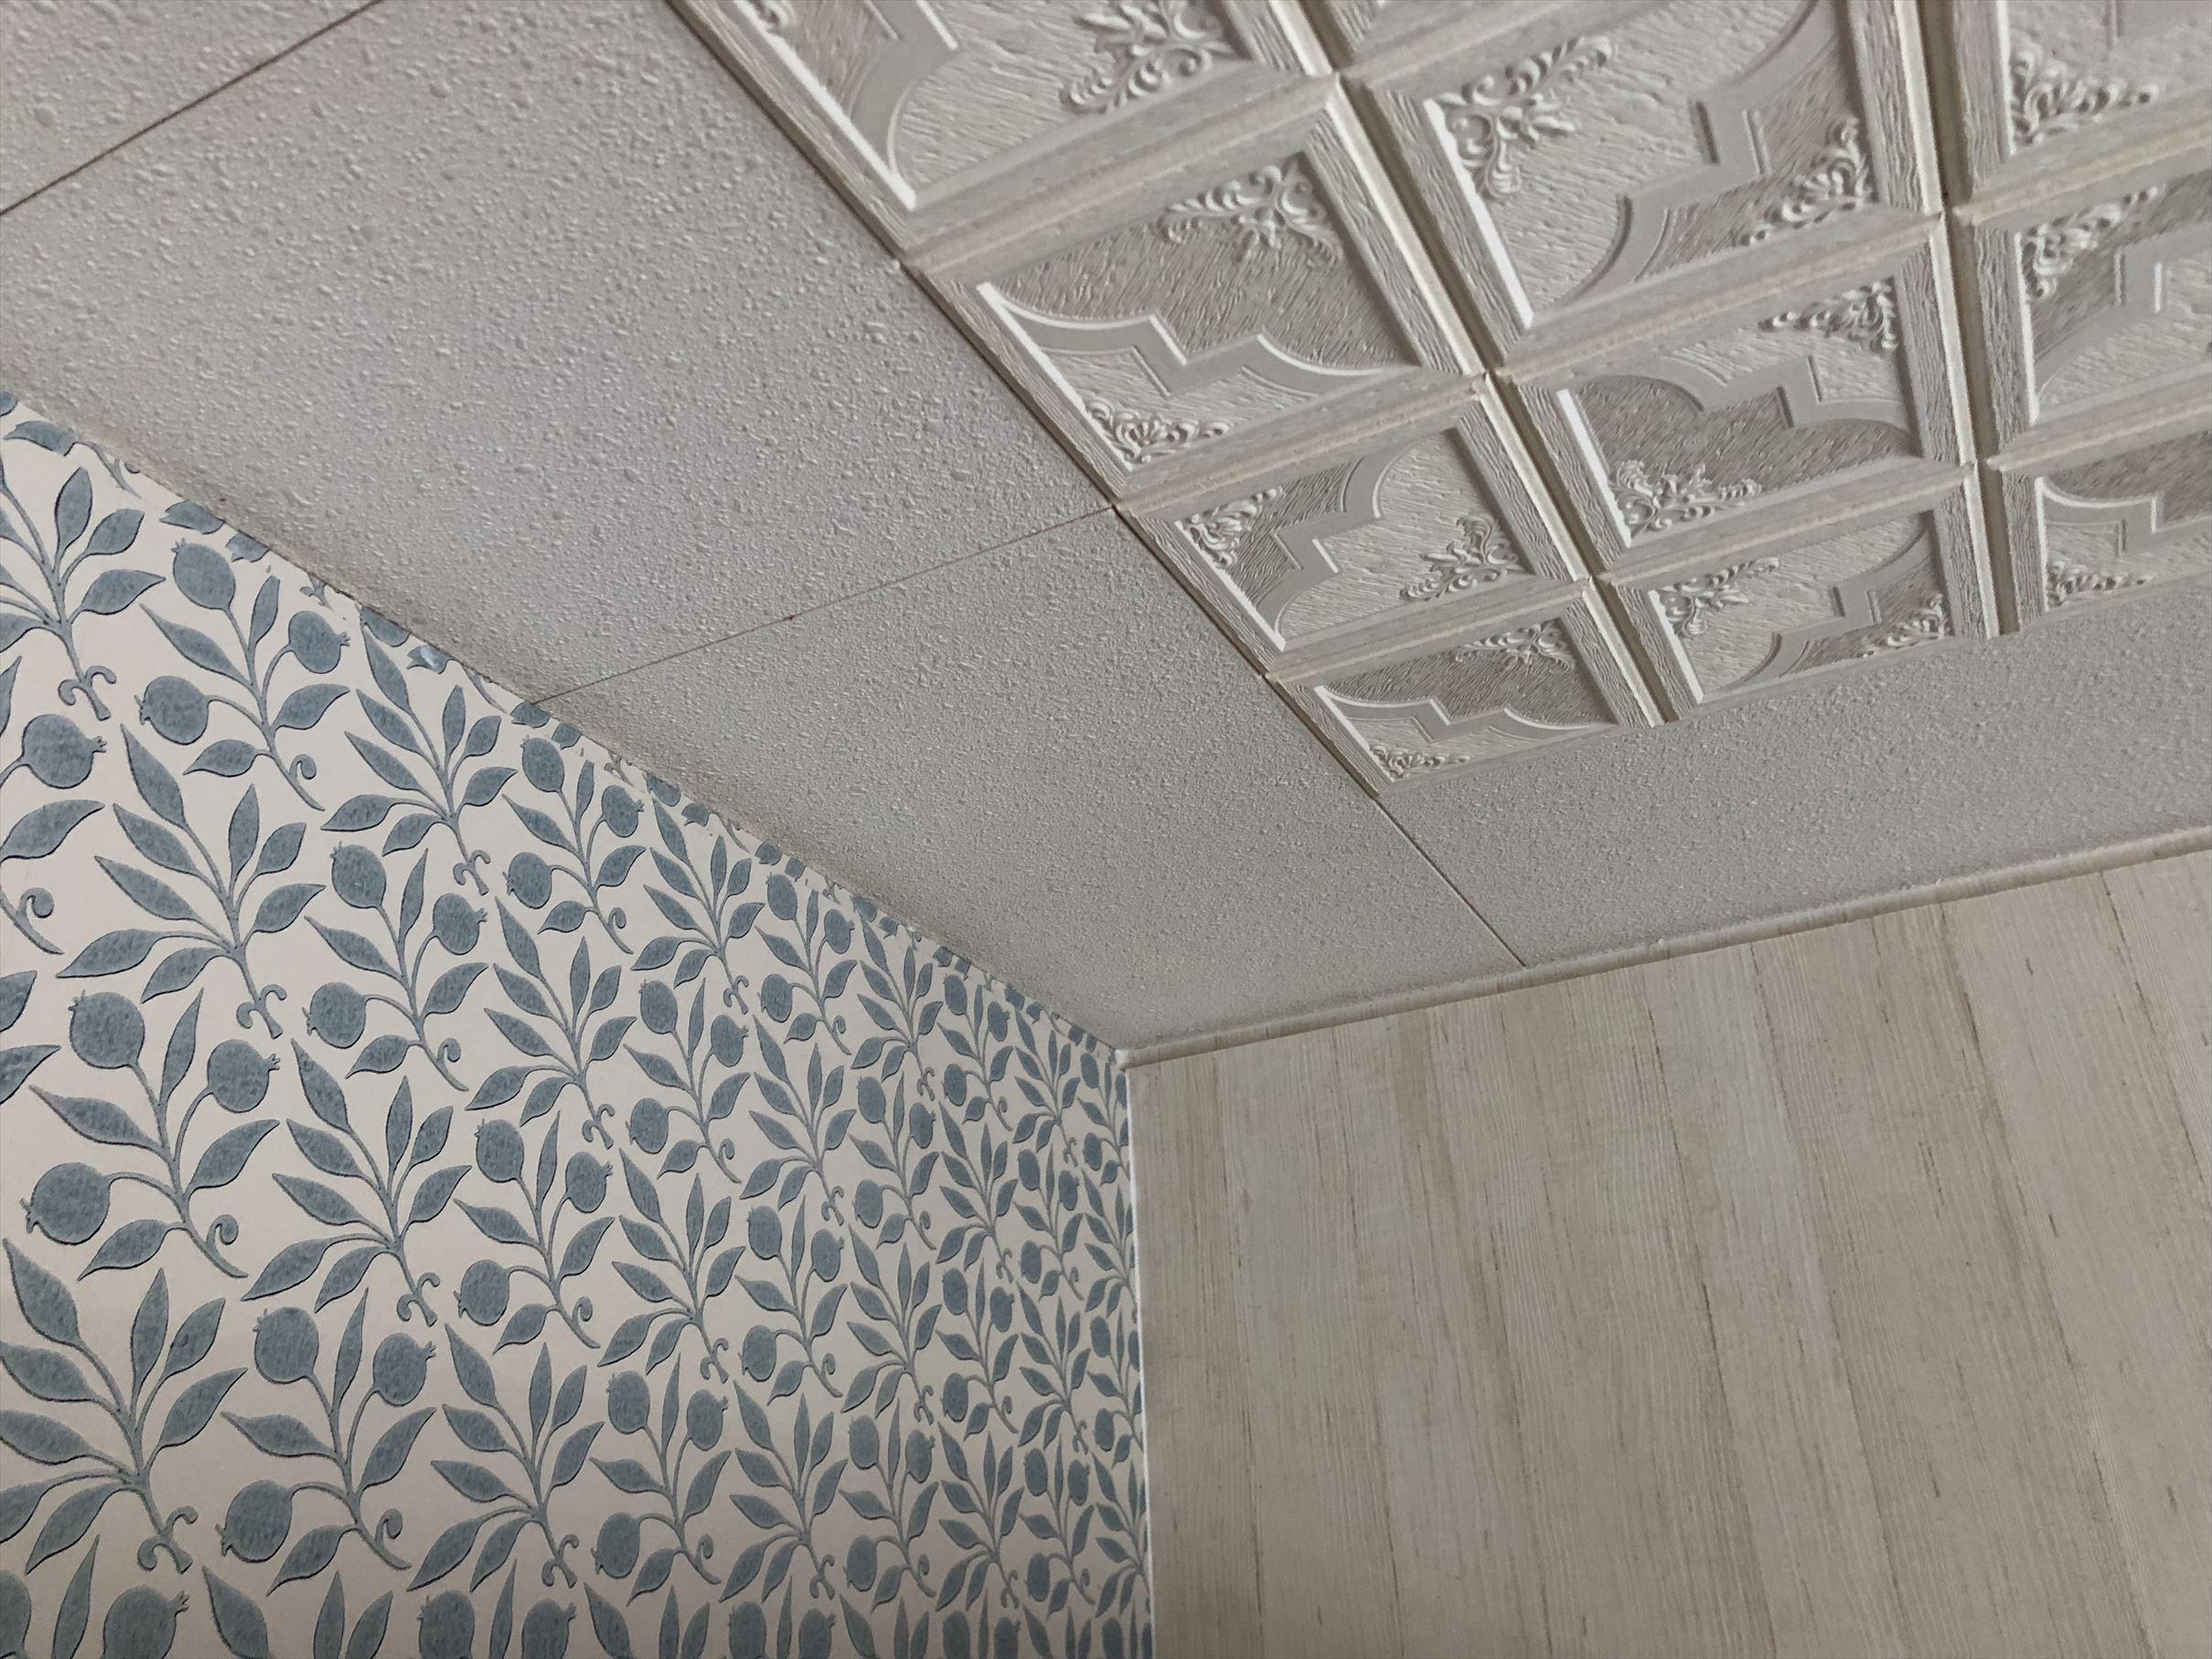 輸入壁紙に貼り替え カーテンコール 徳島市のオーダーカーテン専門店